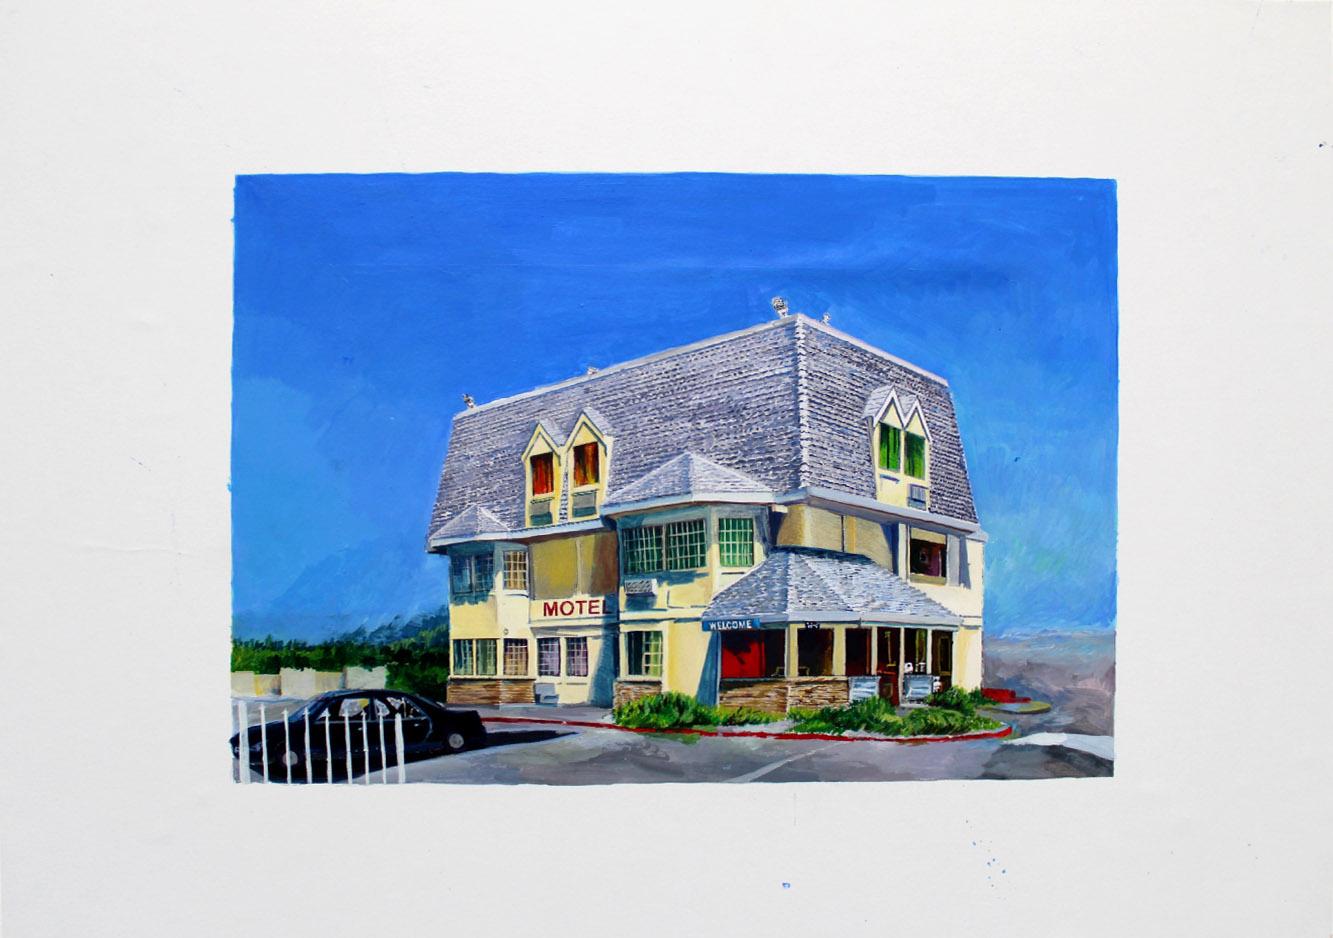 Julie Giraud, Motel 3, peinture acrylique sur papier Fabriano, 58 x 42 cm